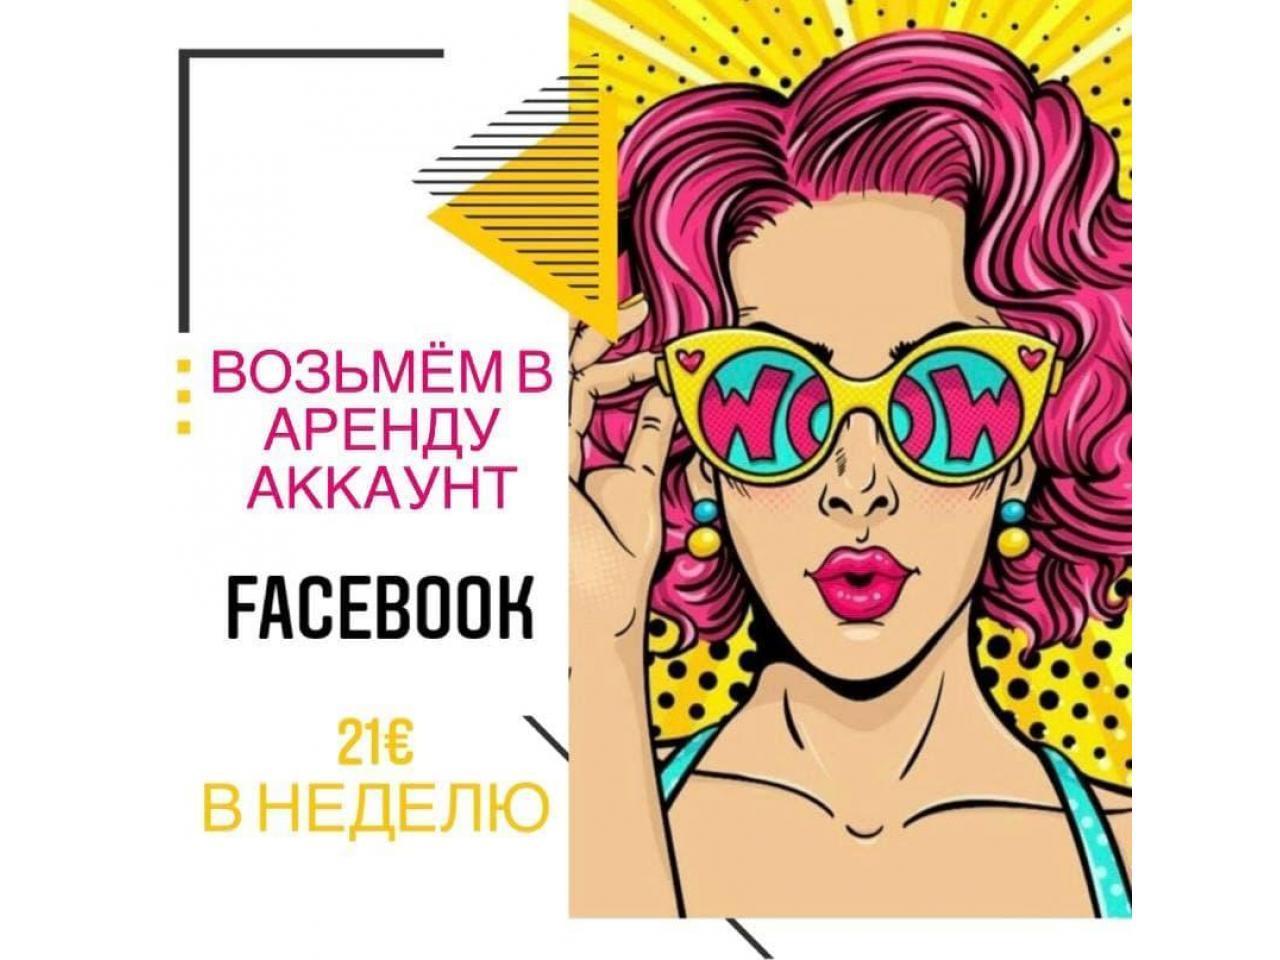 Аренда вашего Facebook аккаунта 21 Euro в неделю! - 1